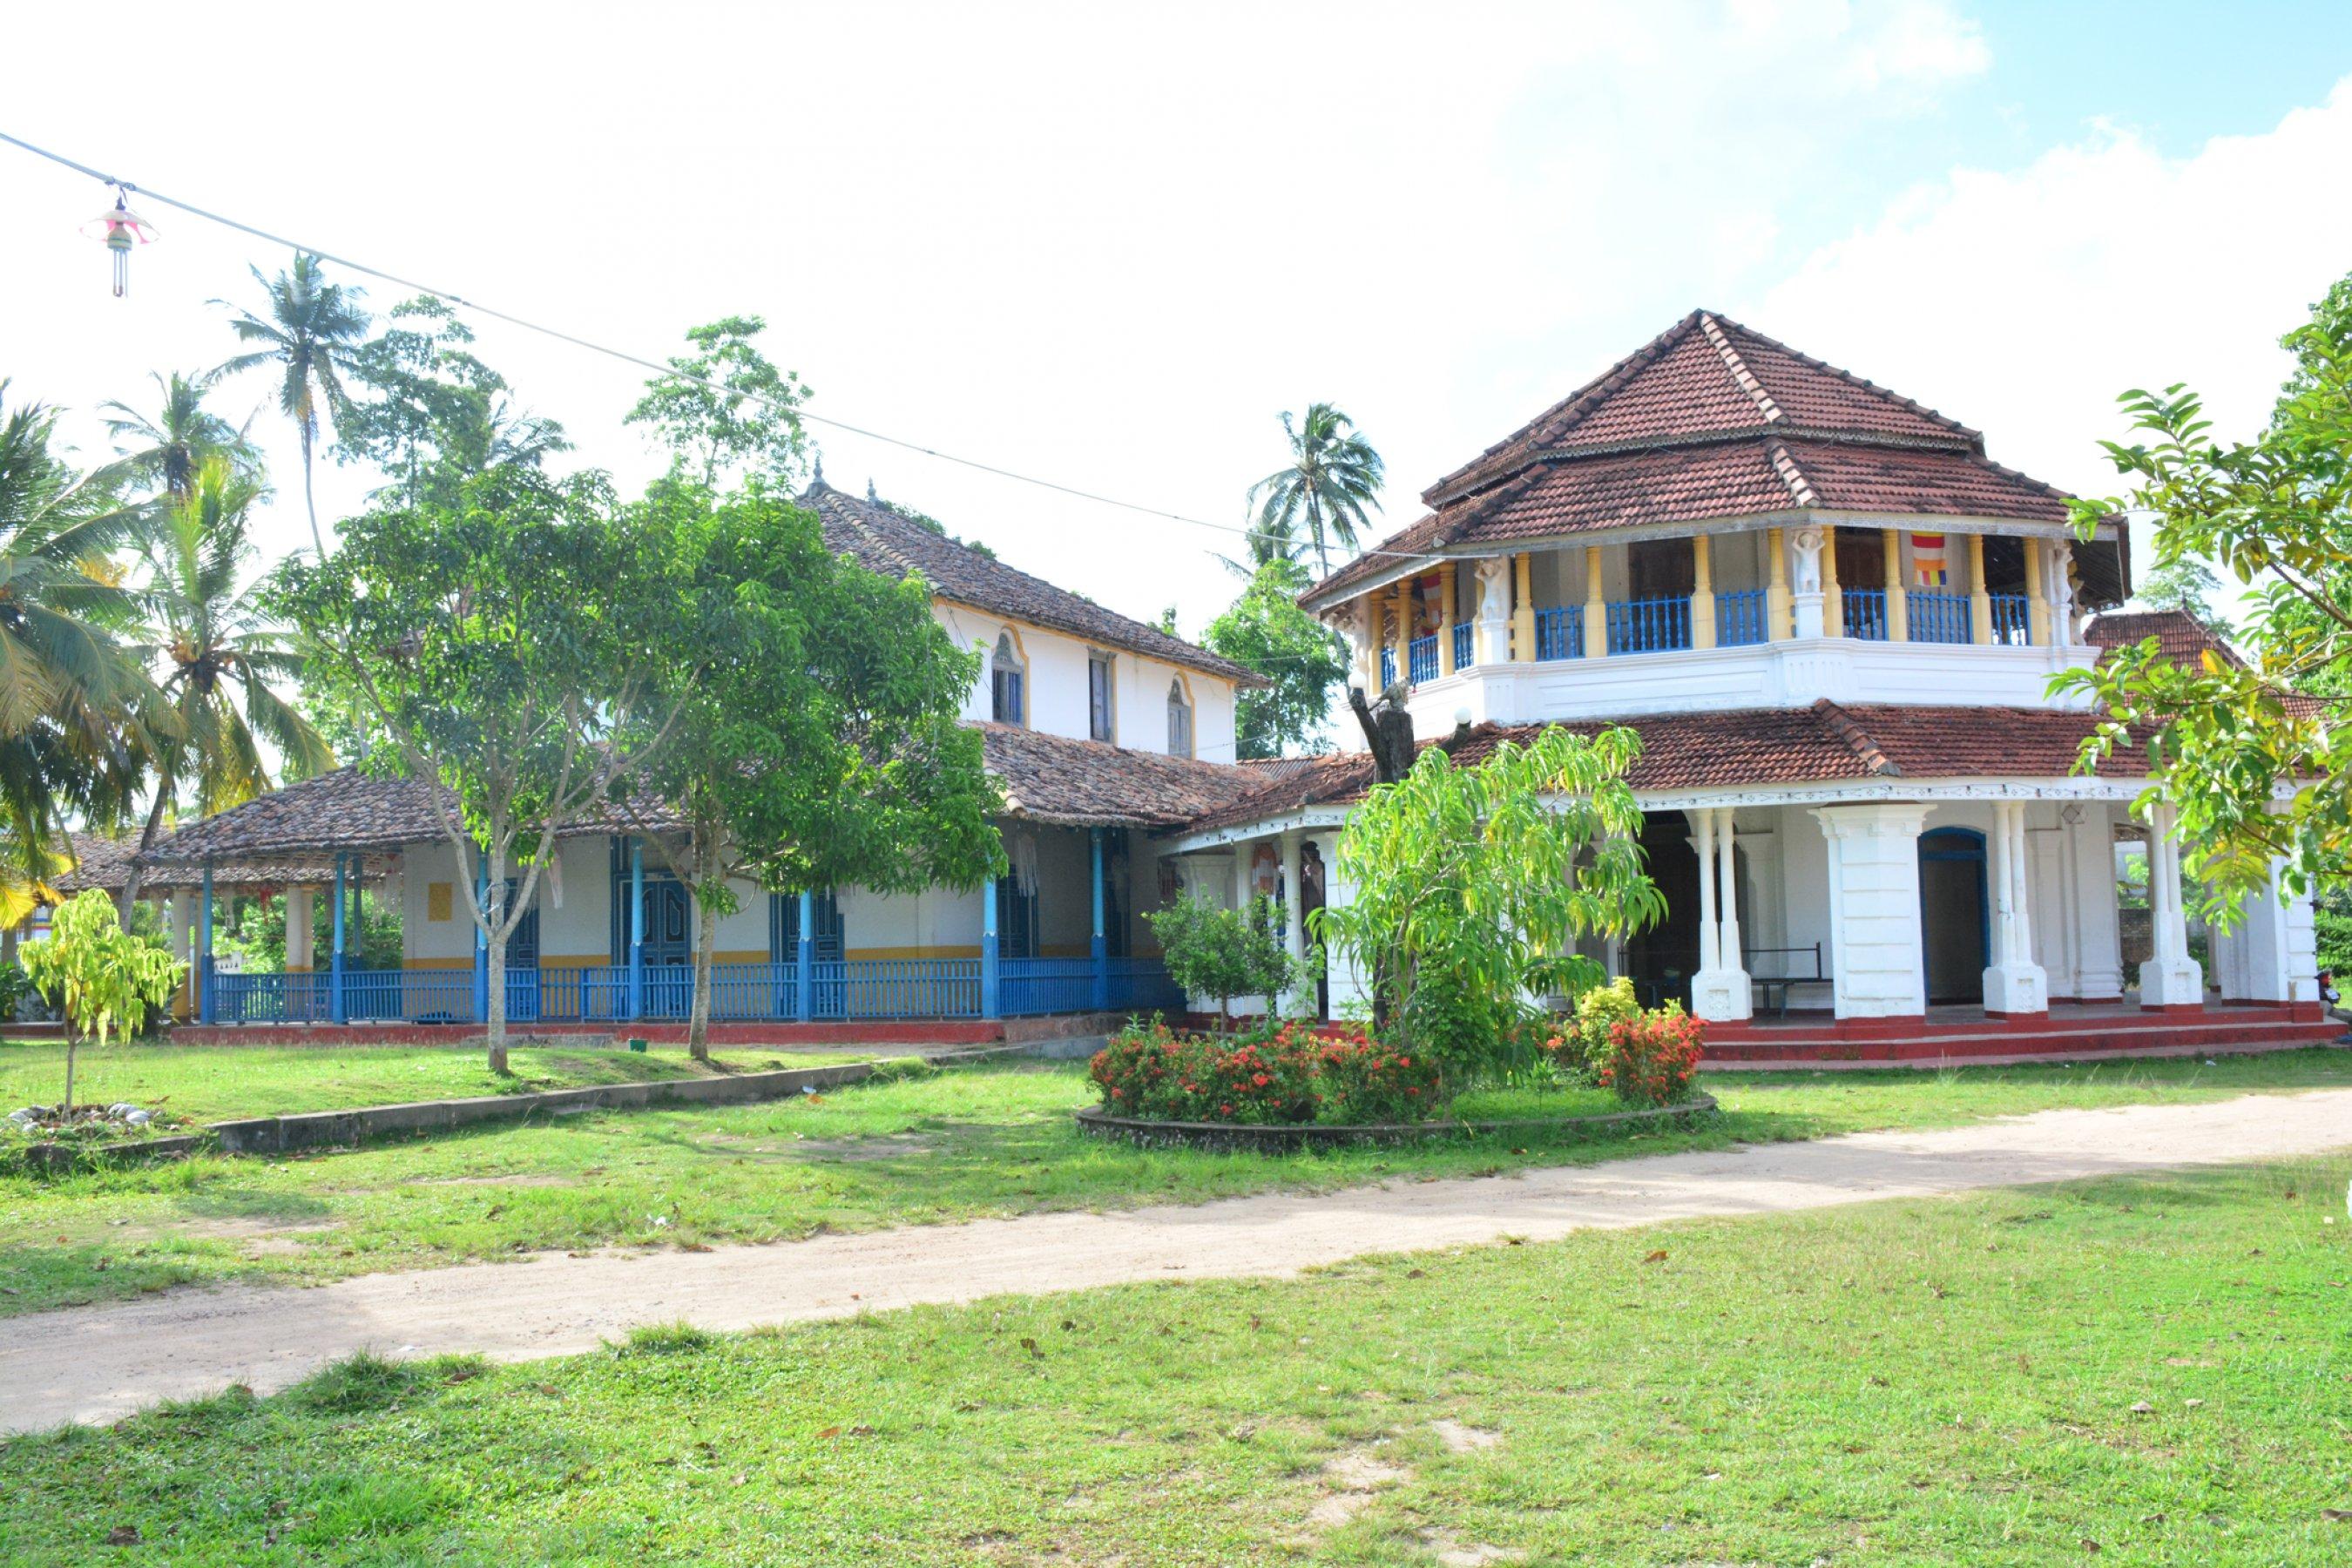 Unterwegs auf Sri Lanka: Ausflugtipps vom Ayurvie bei Ihrer Ayurveda Kur